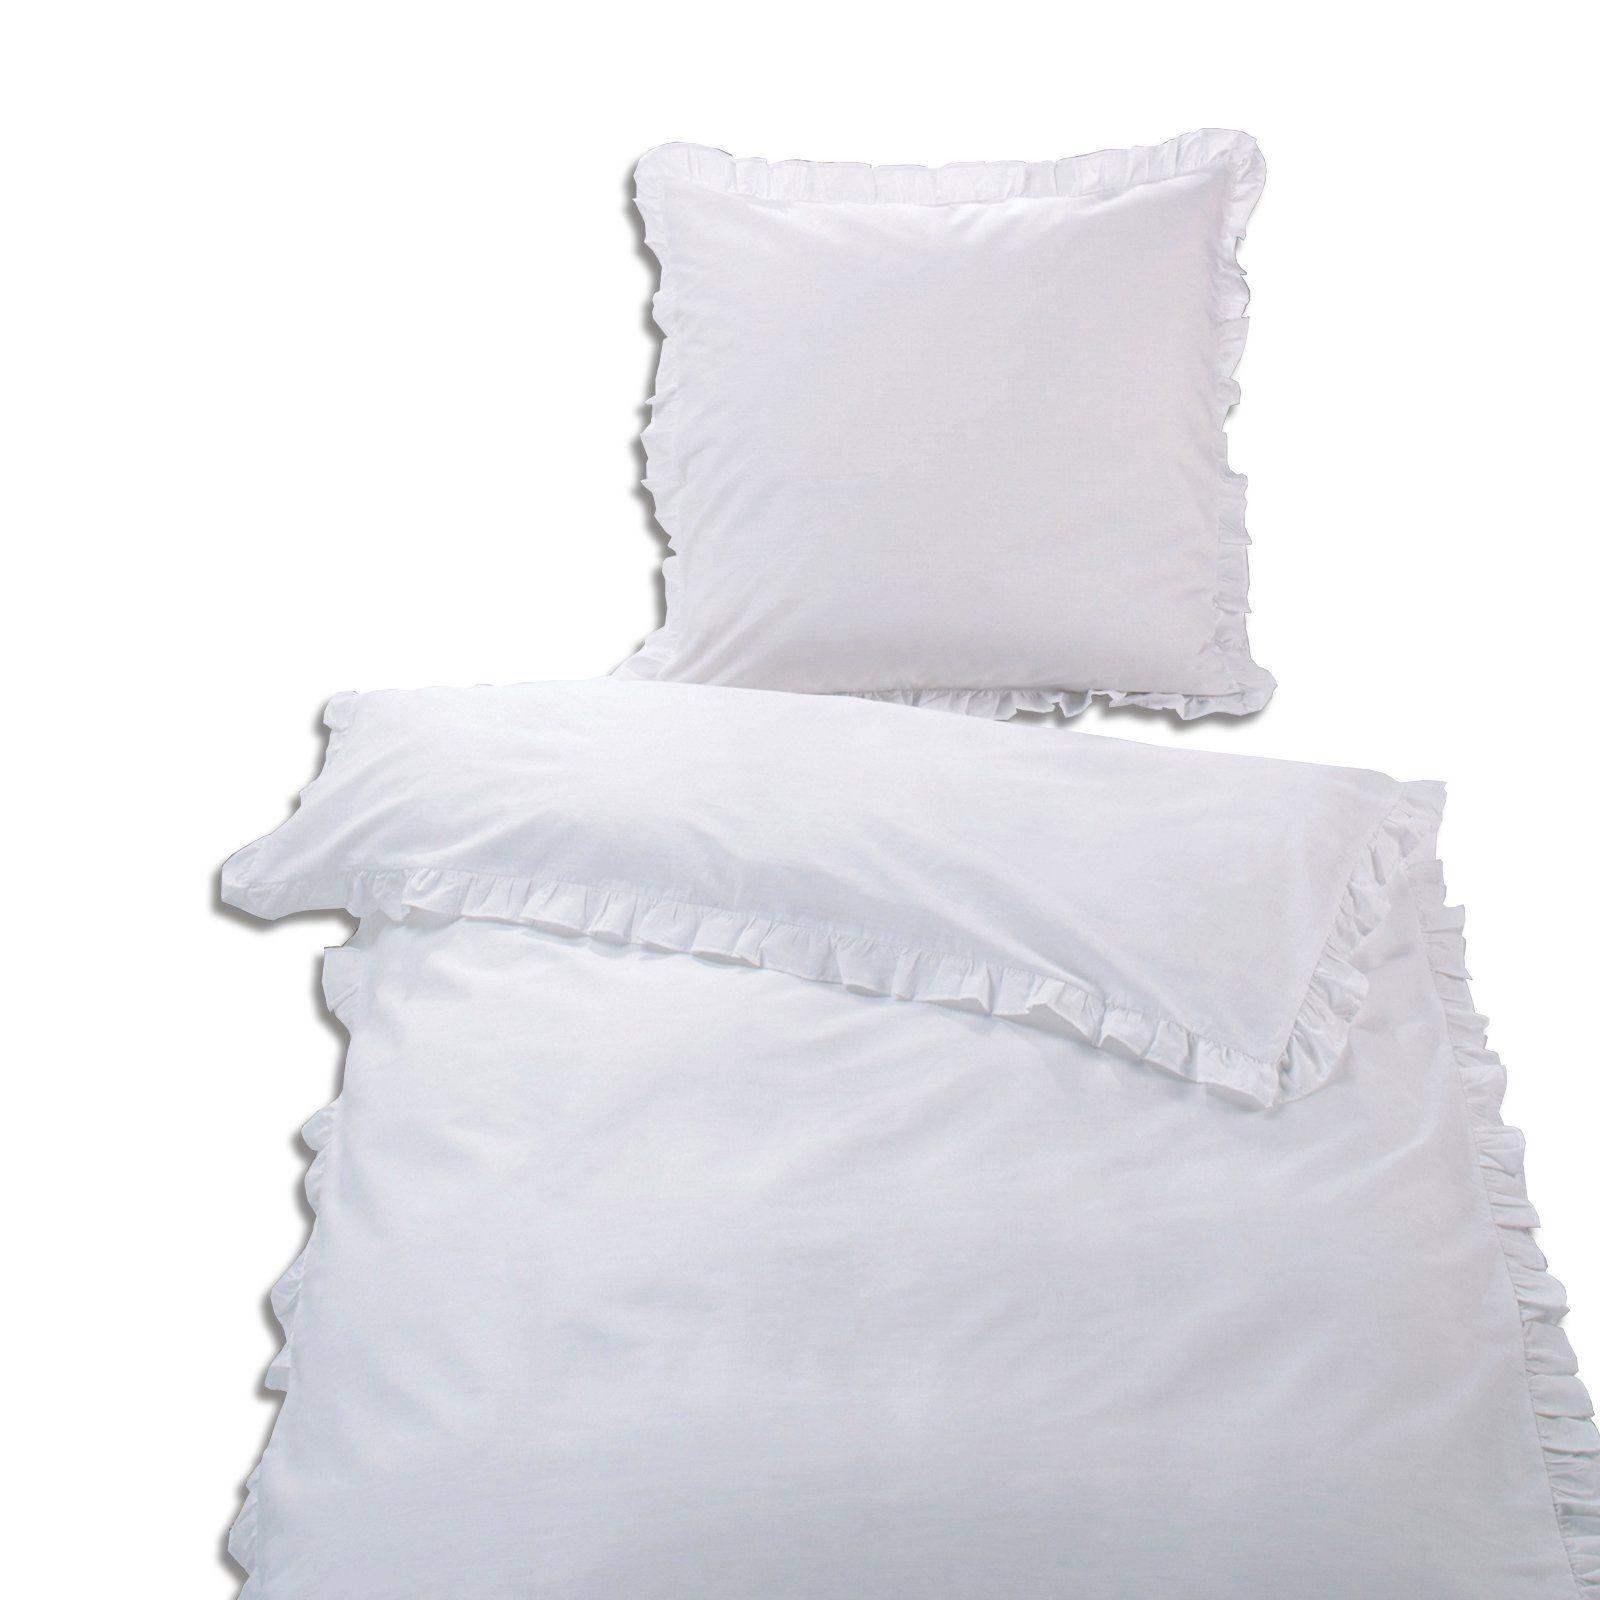 Schau Mal Was Ich Bei Roller Gefunden Habe Baumwoll Bettwasche